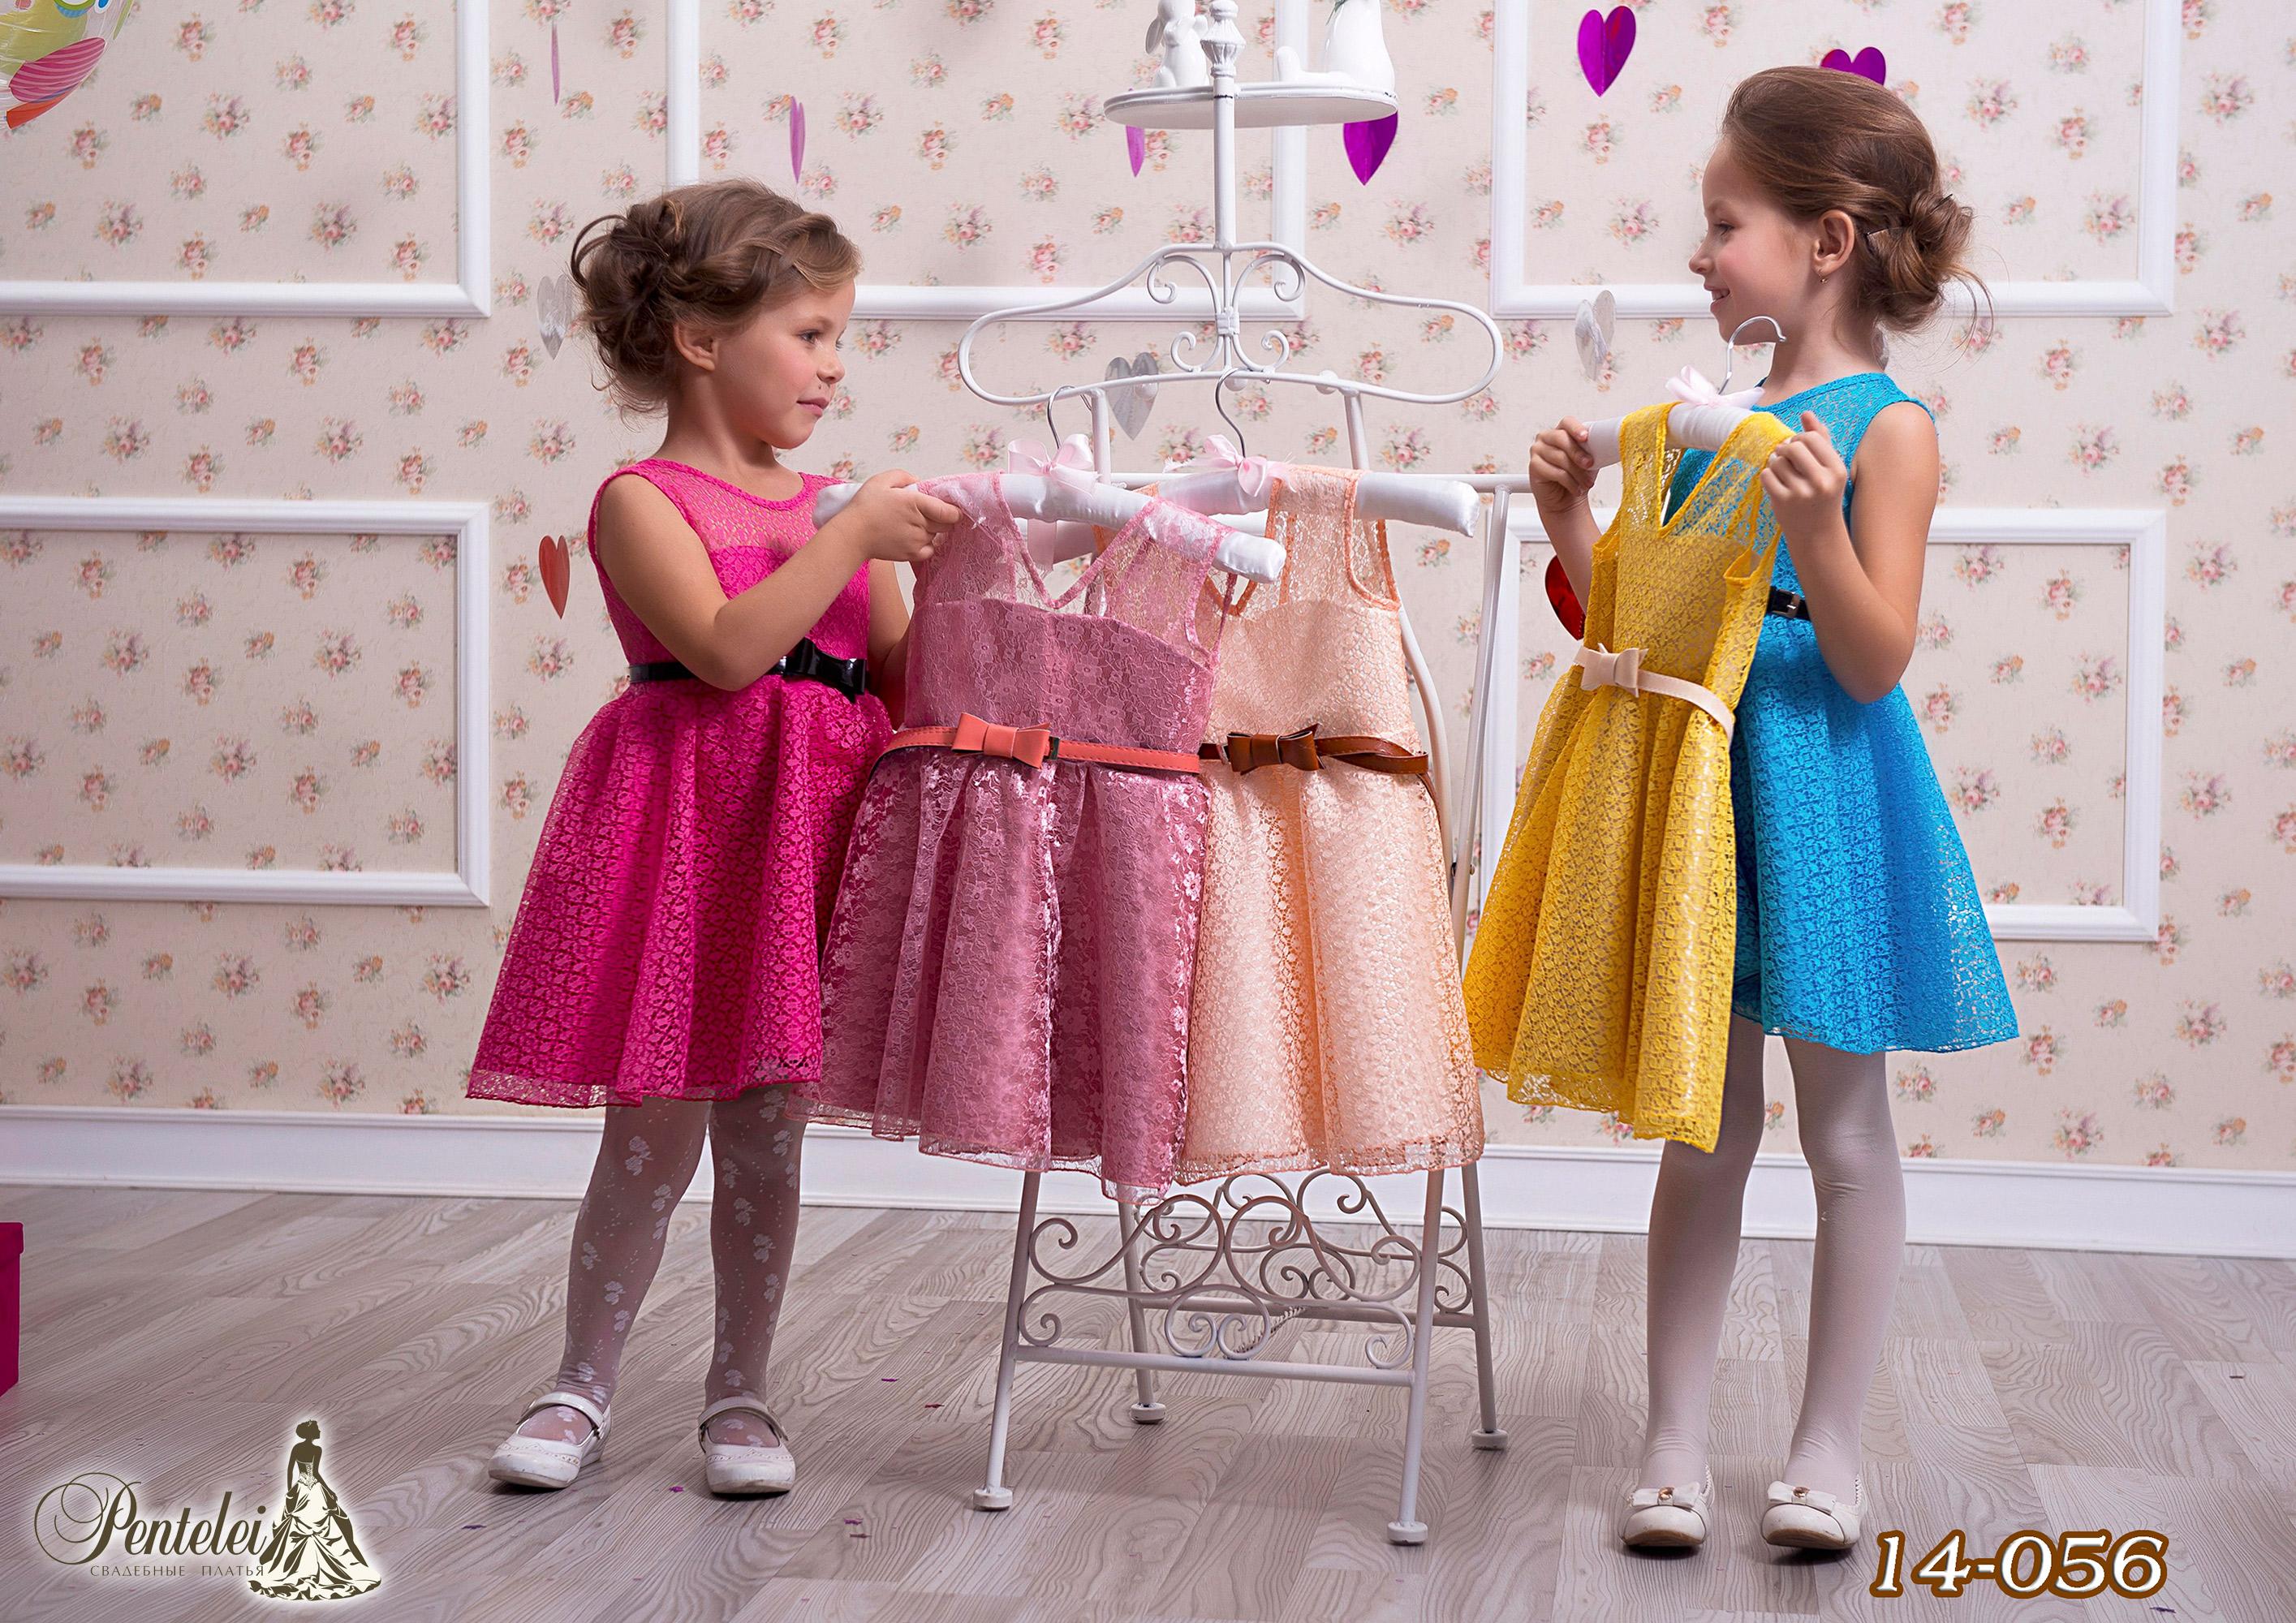 14-056 | Купити дитячі сукні оптом від Pentelei